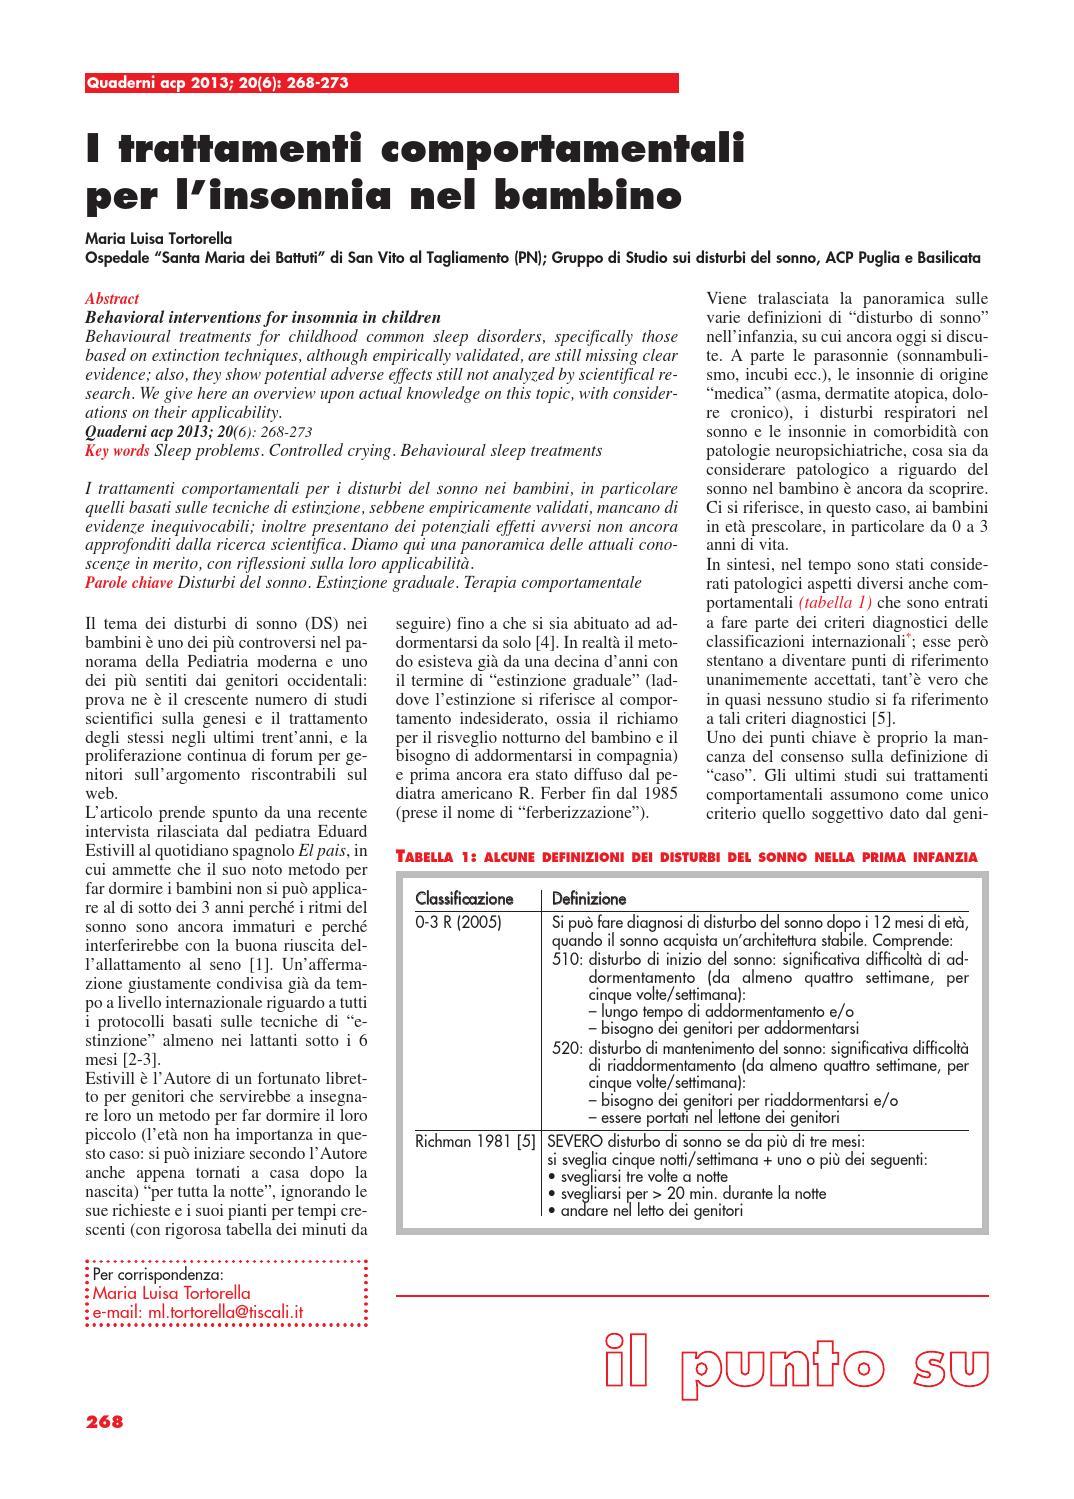 Metodo Estivill Per Dormire quaderni acp 2013 20(6) by associazione culturale pediatri